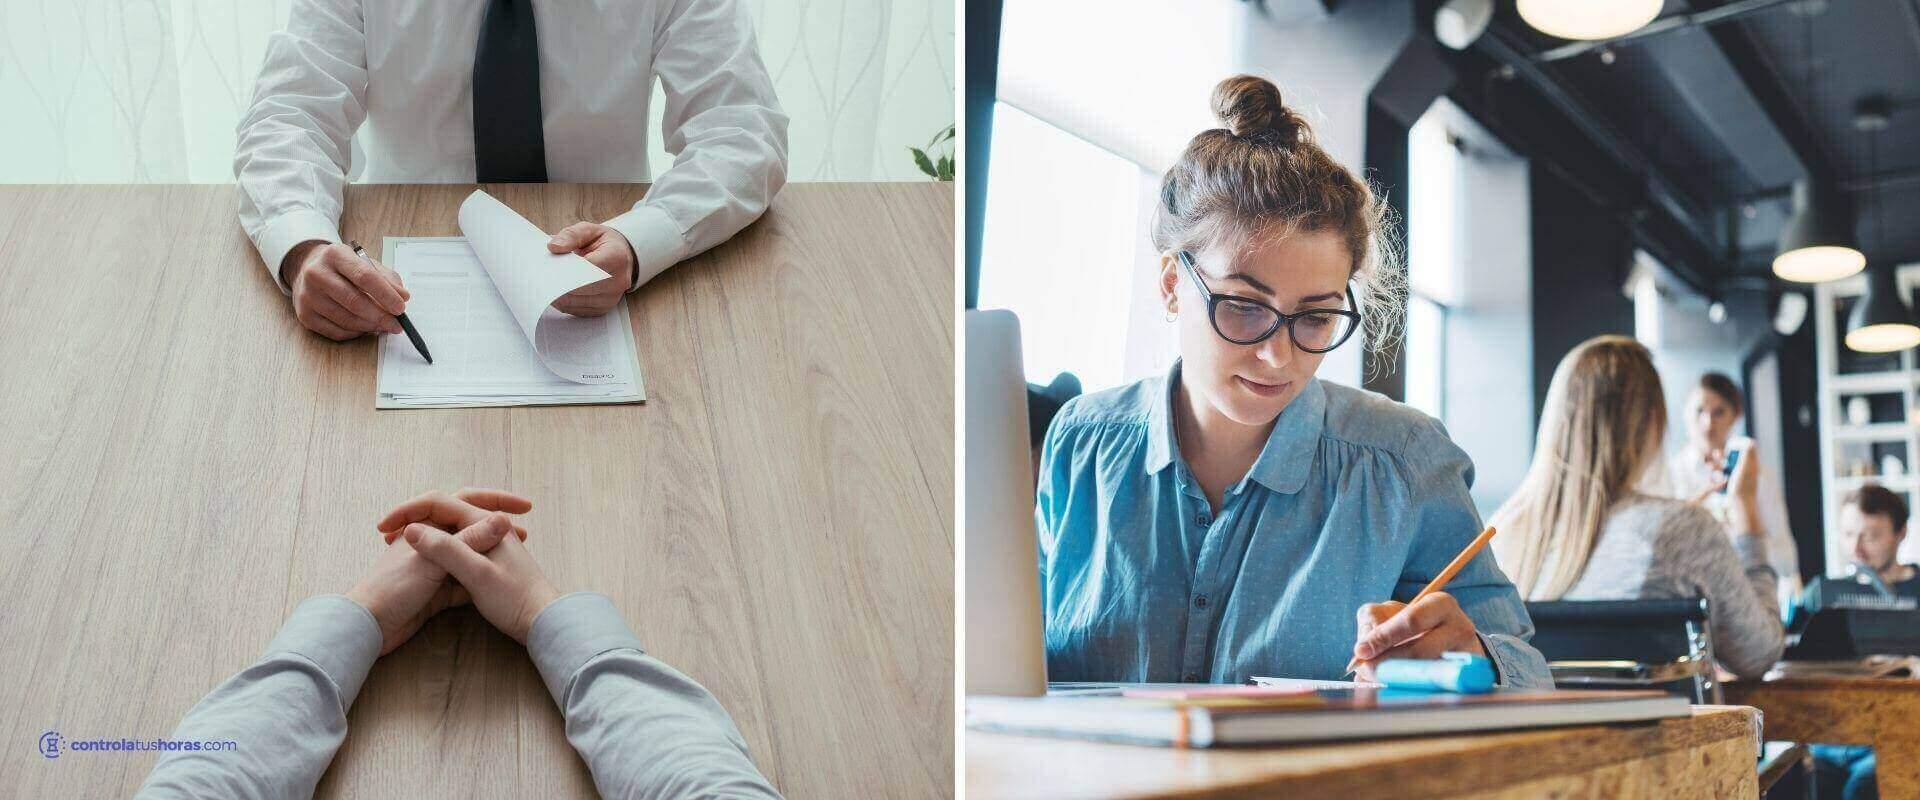 Qué es el absentismo laboral y cómo evitarlo